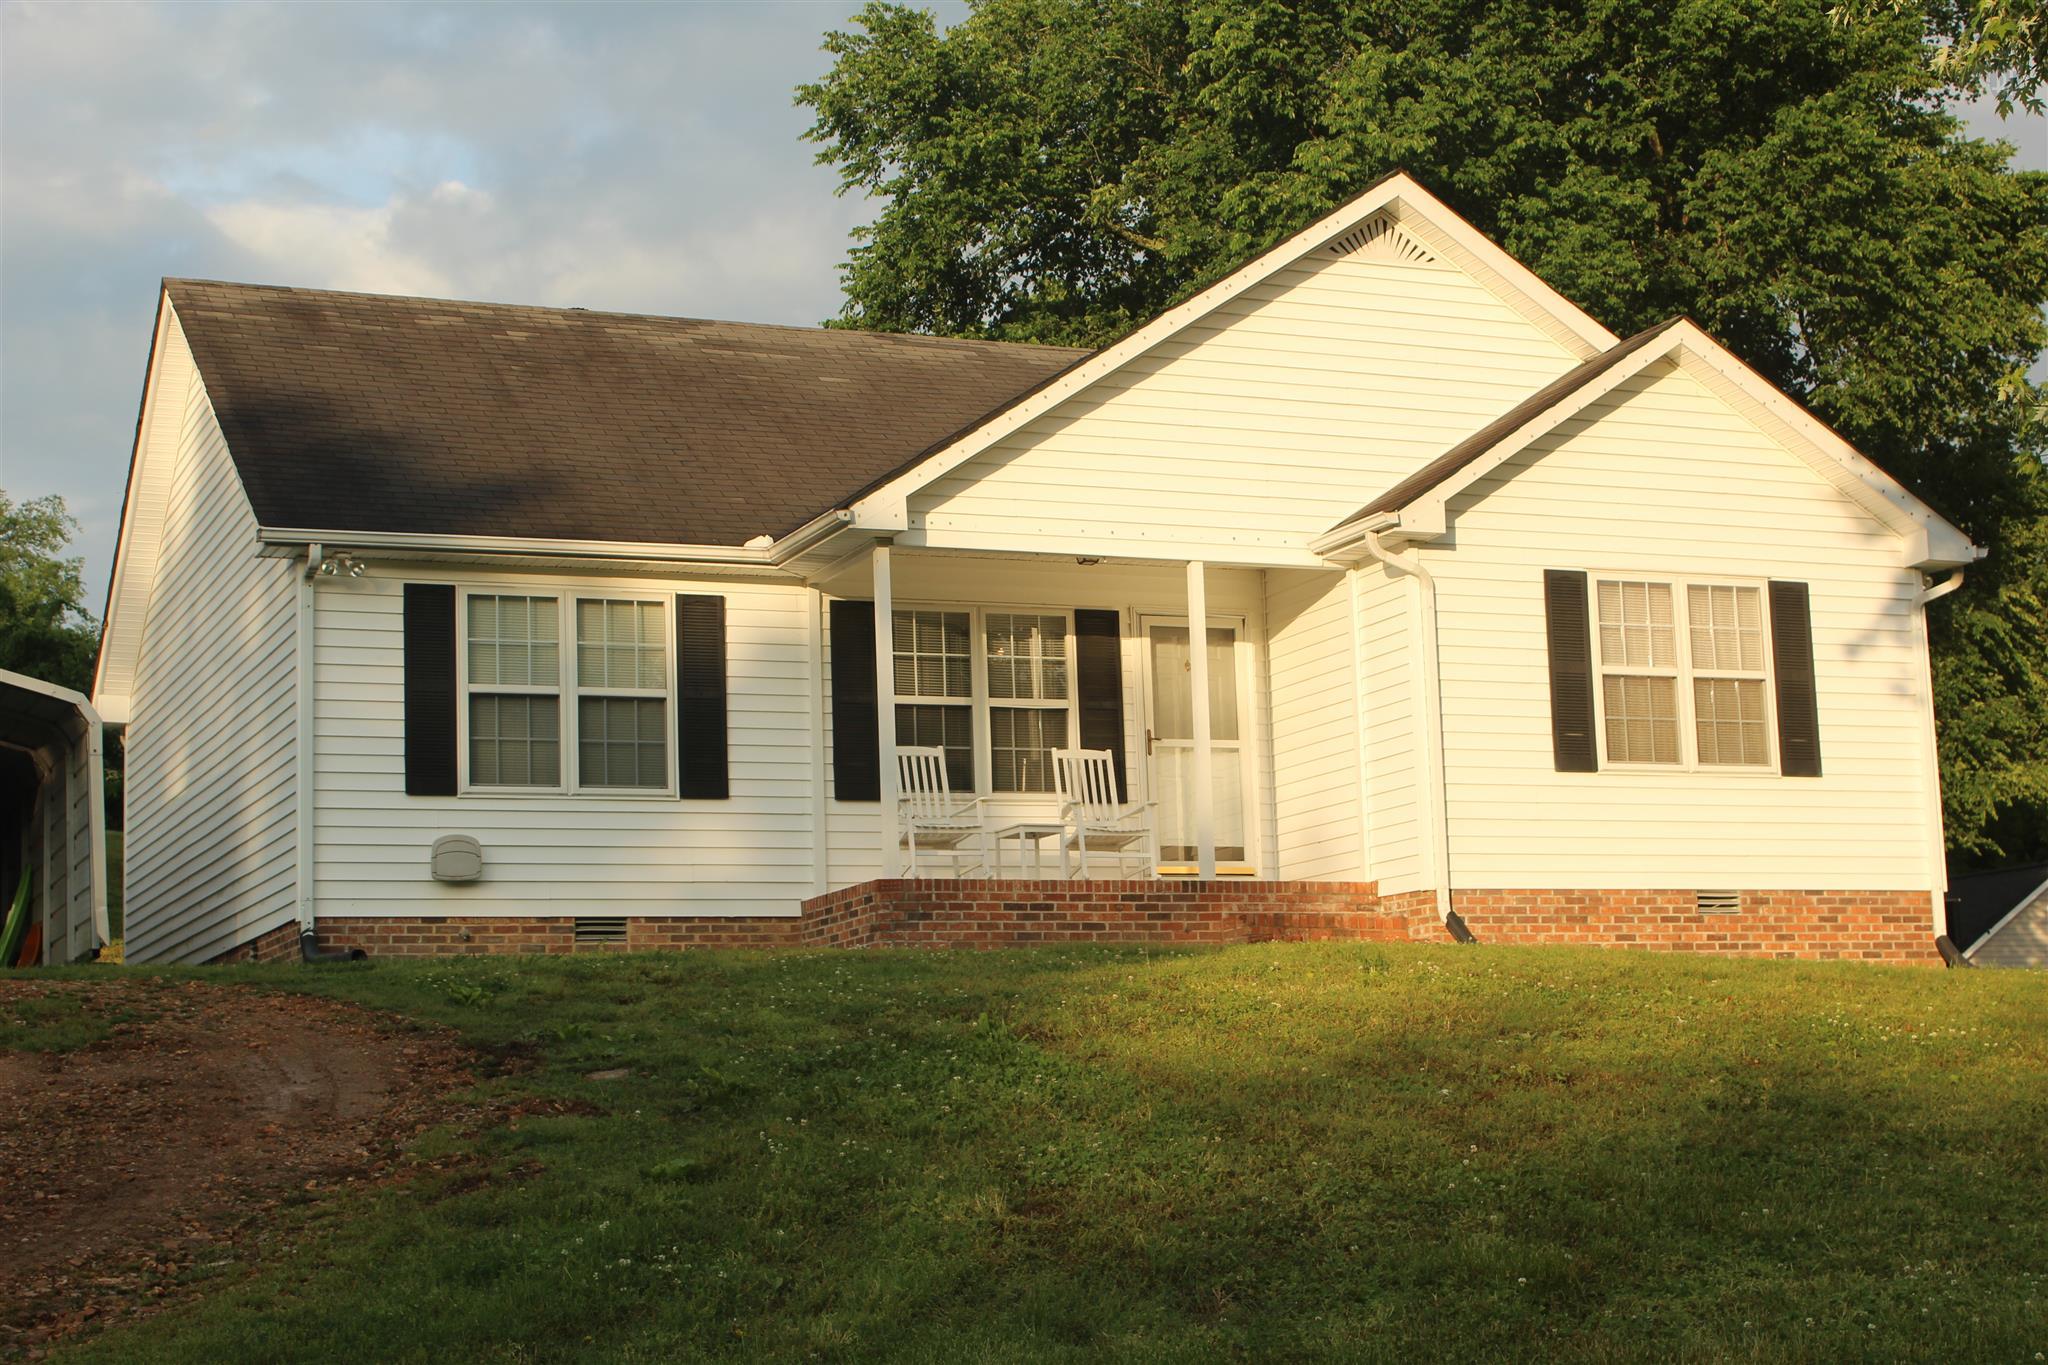 485 Herod Ln, Hartsville, TN 37074